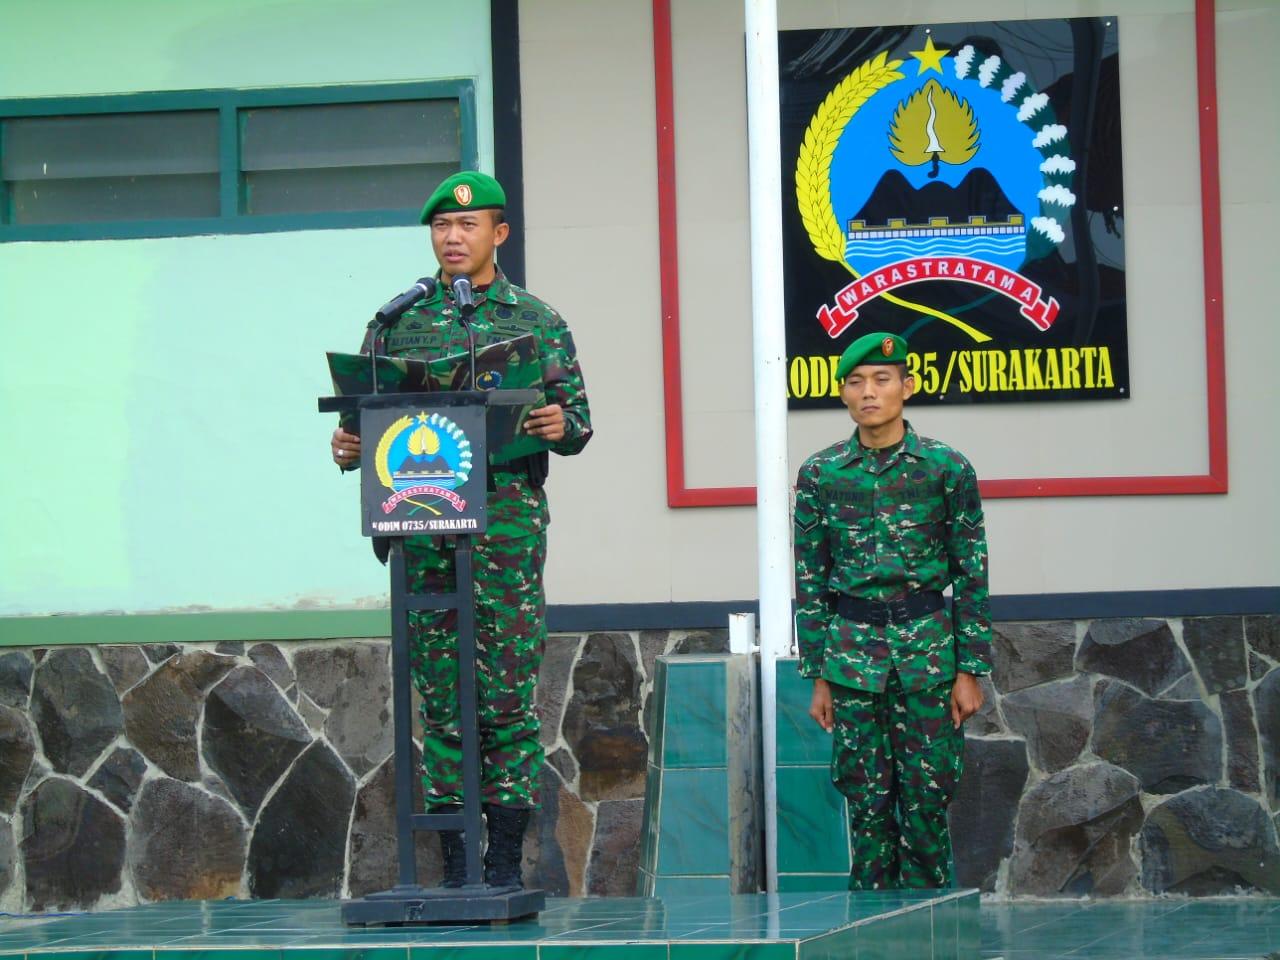 Kodim Solo Awali Minggu Militer Dengan Upacara Bendera, Ini Maknanya